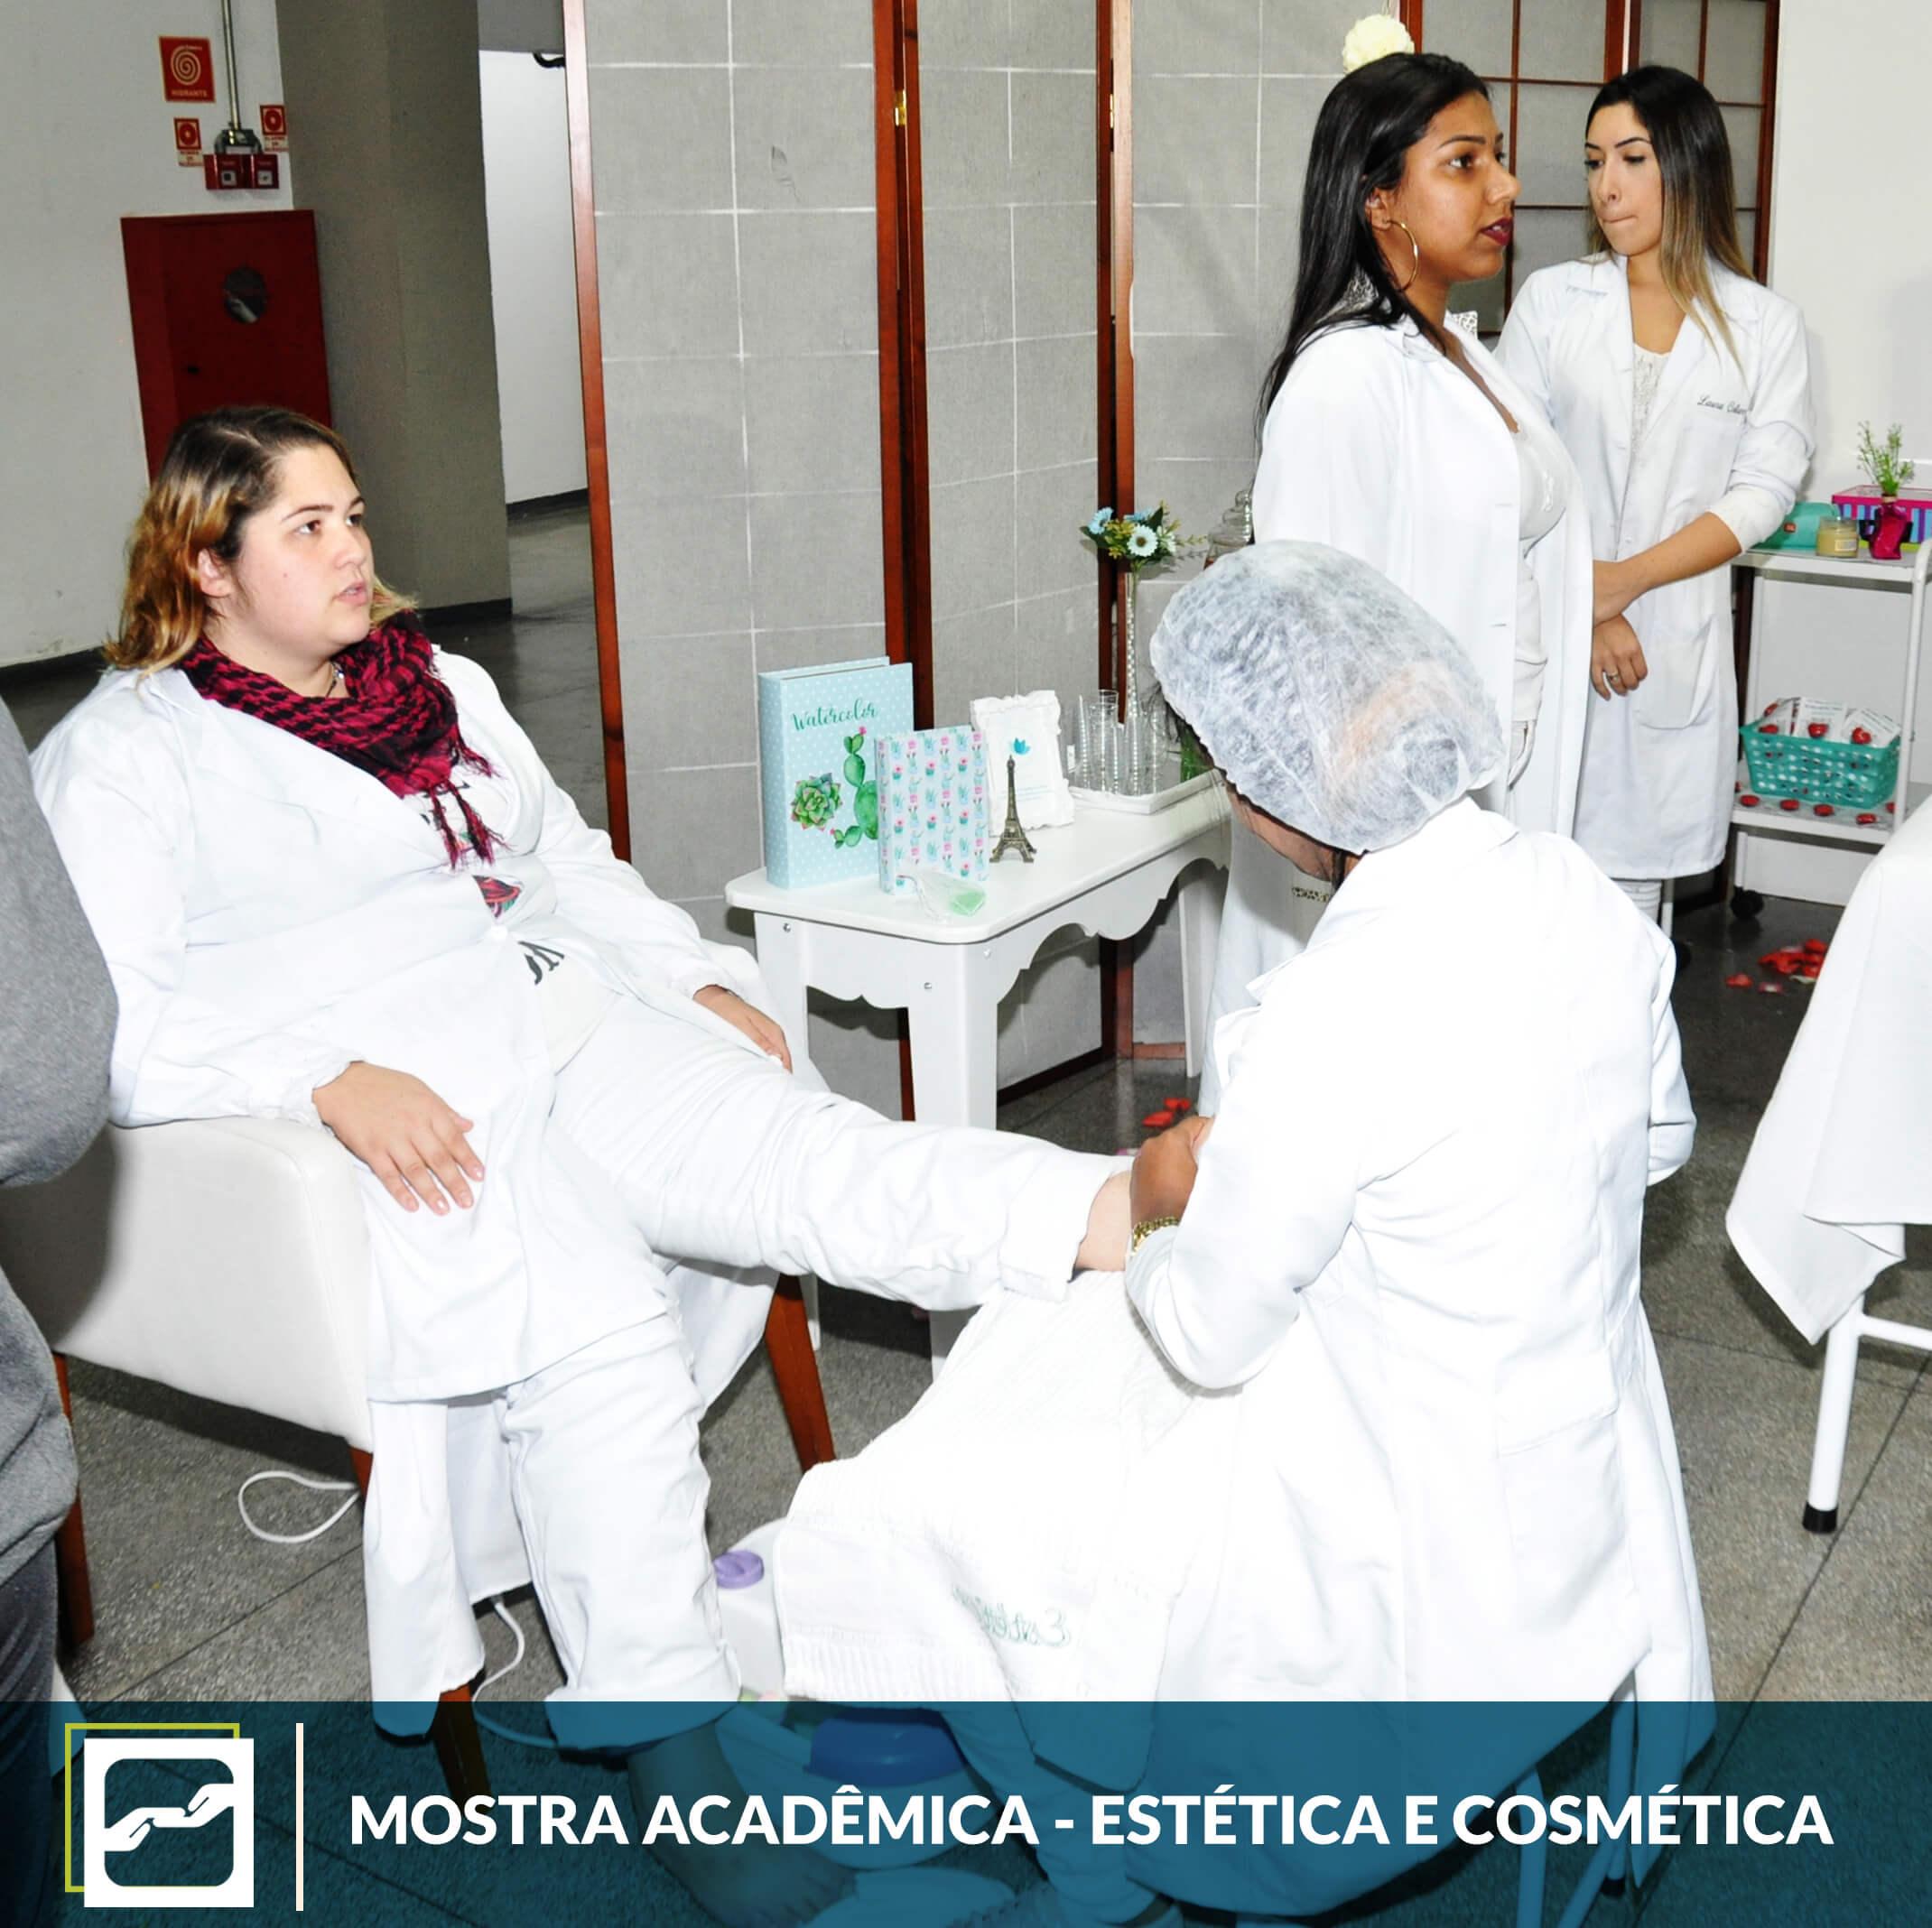 mostra-academia-estetica-cosmetica-famesp-29